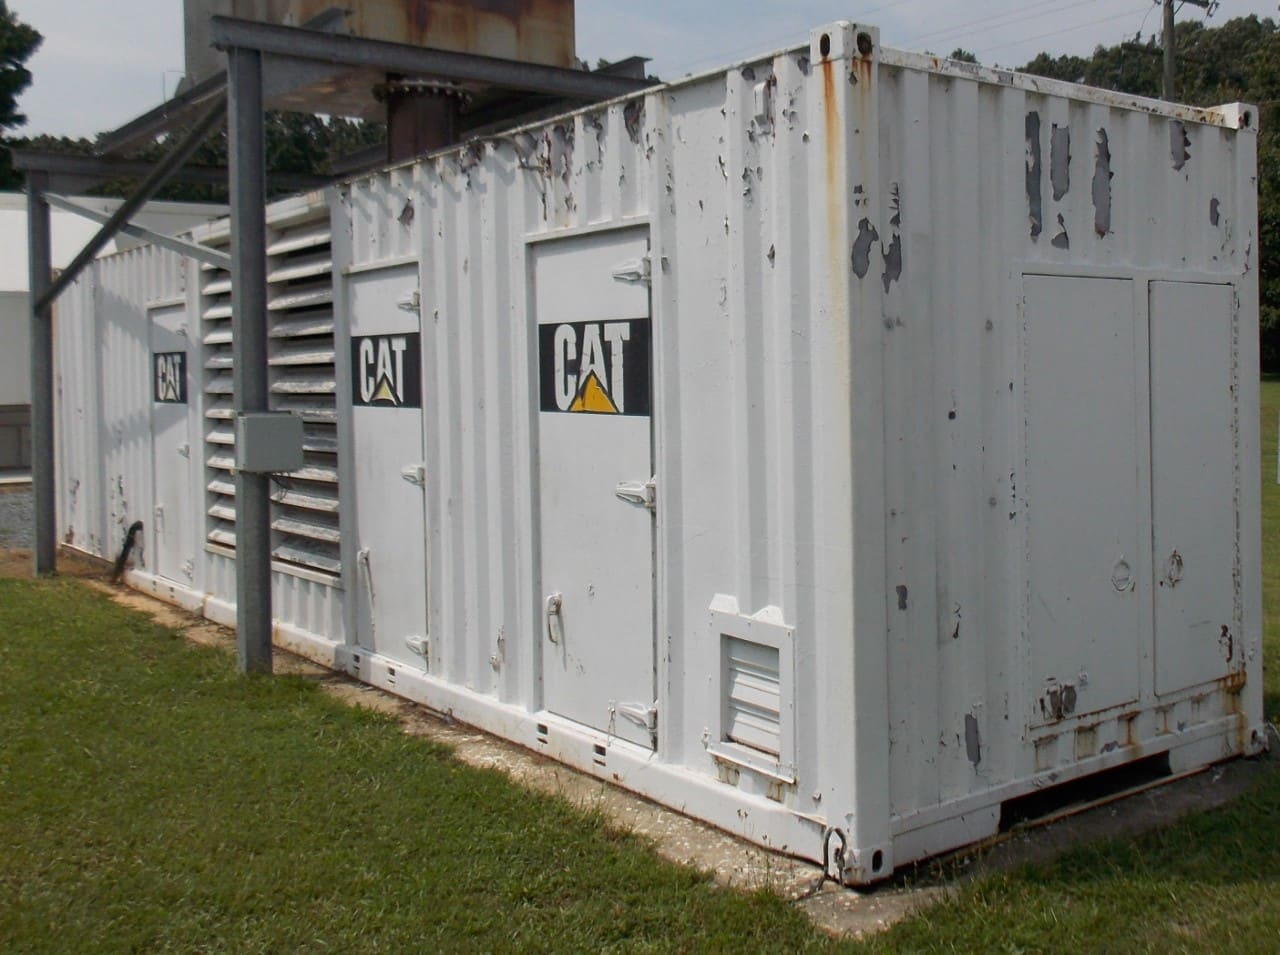 Used 1600 kW CAT 3516 PRIME Diesel Generator